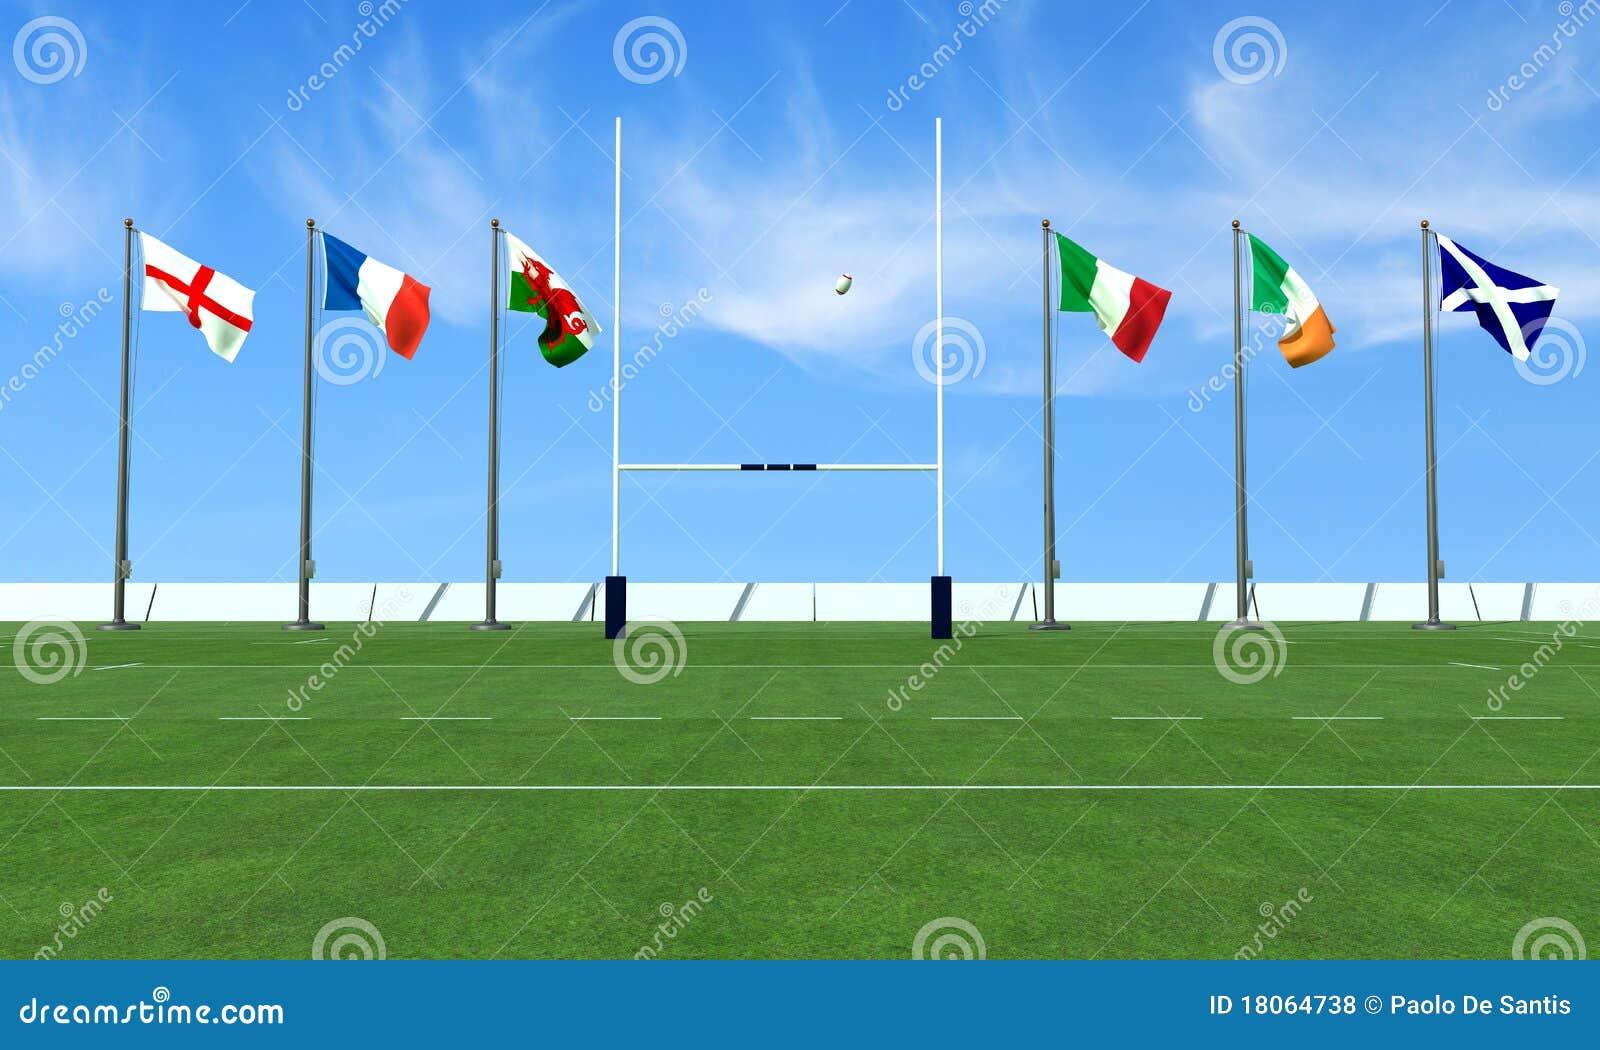 rfu 6 nations